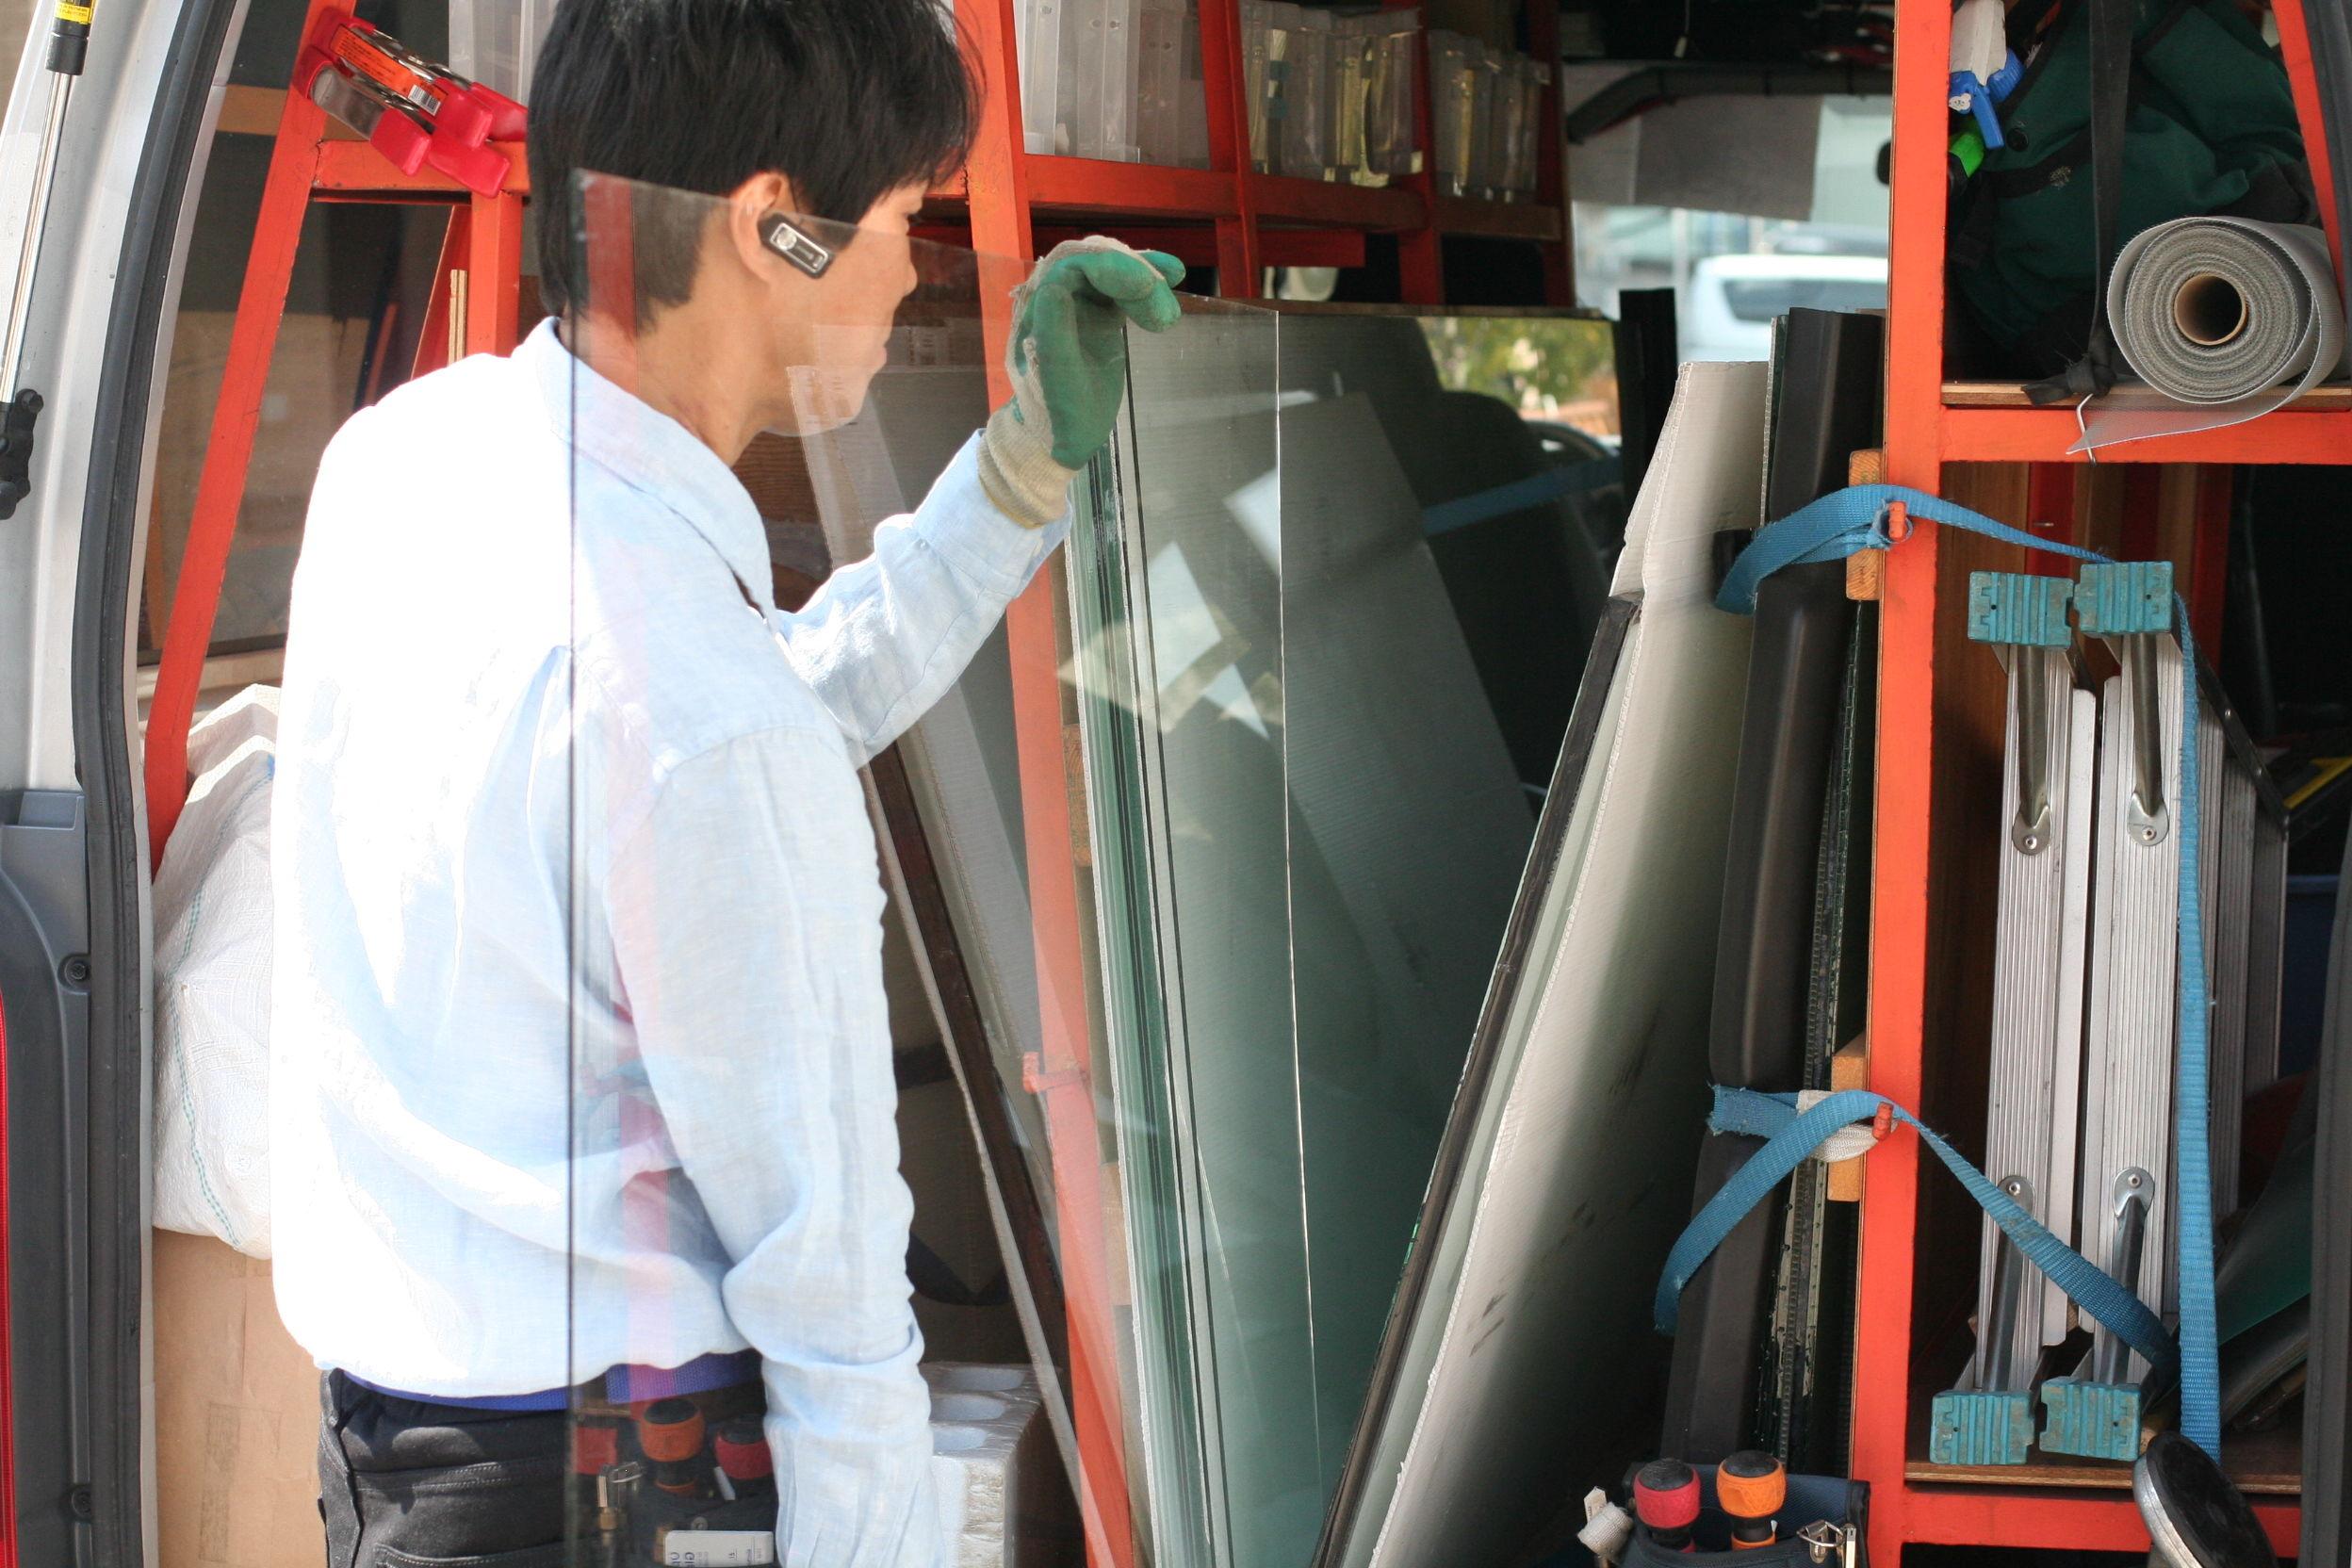 ガラスのトラブル救Q隊.24【大阪市西成区 出張エリア】の店内・外観画像2